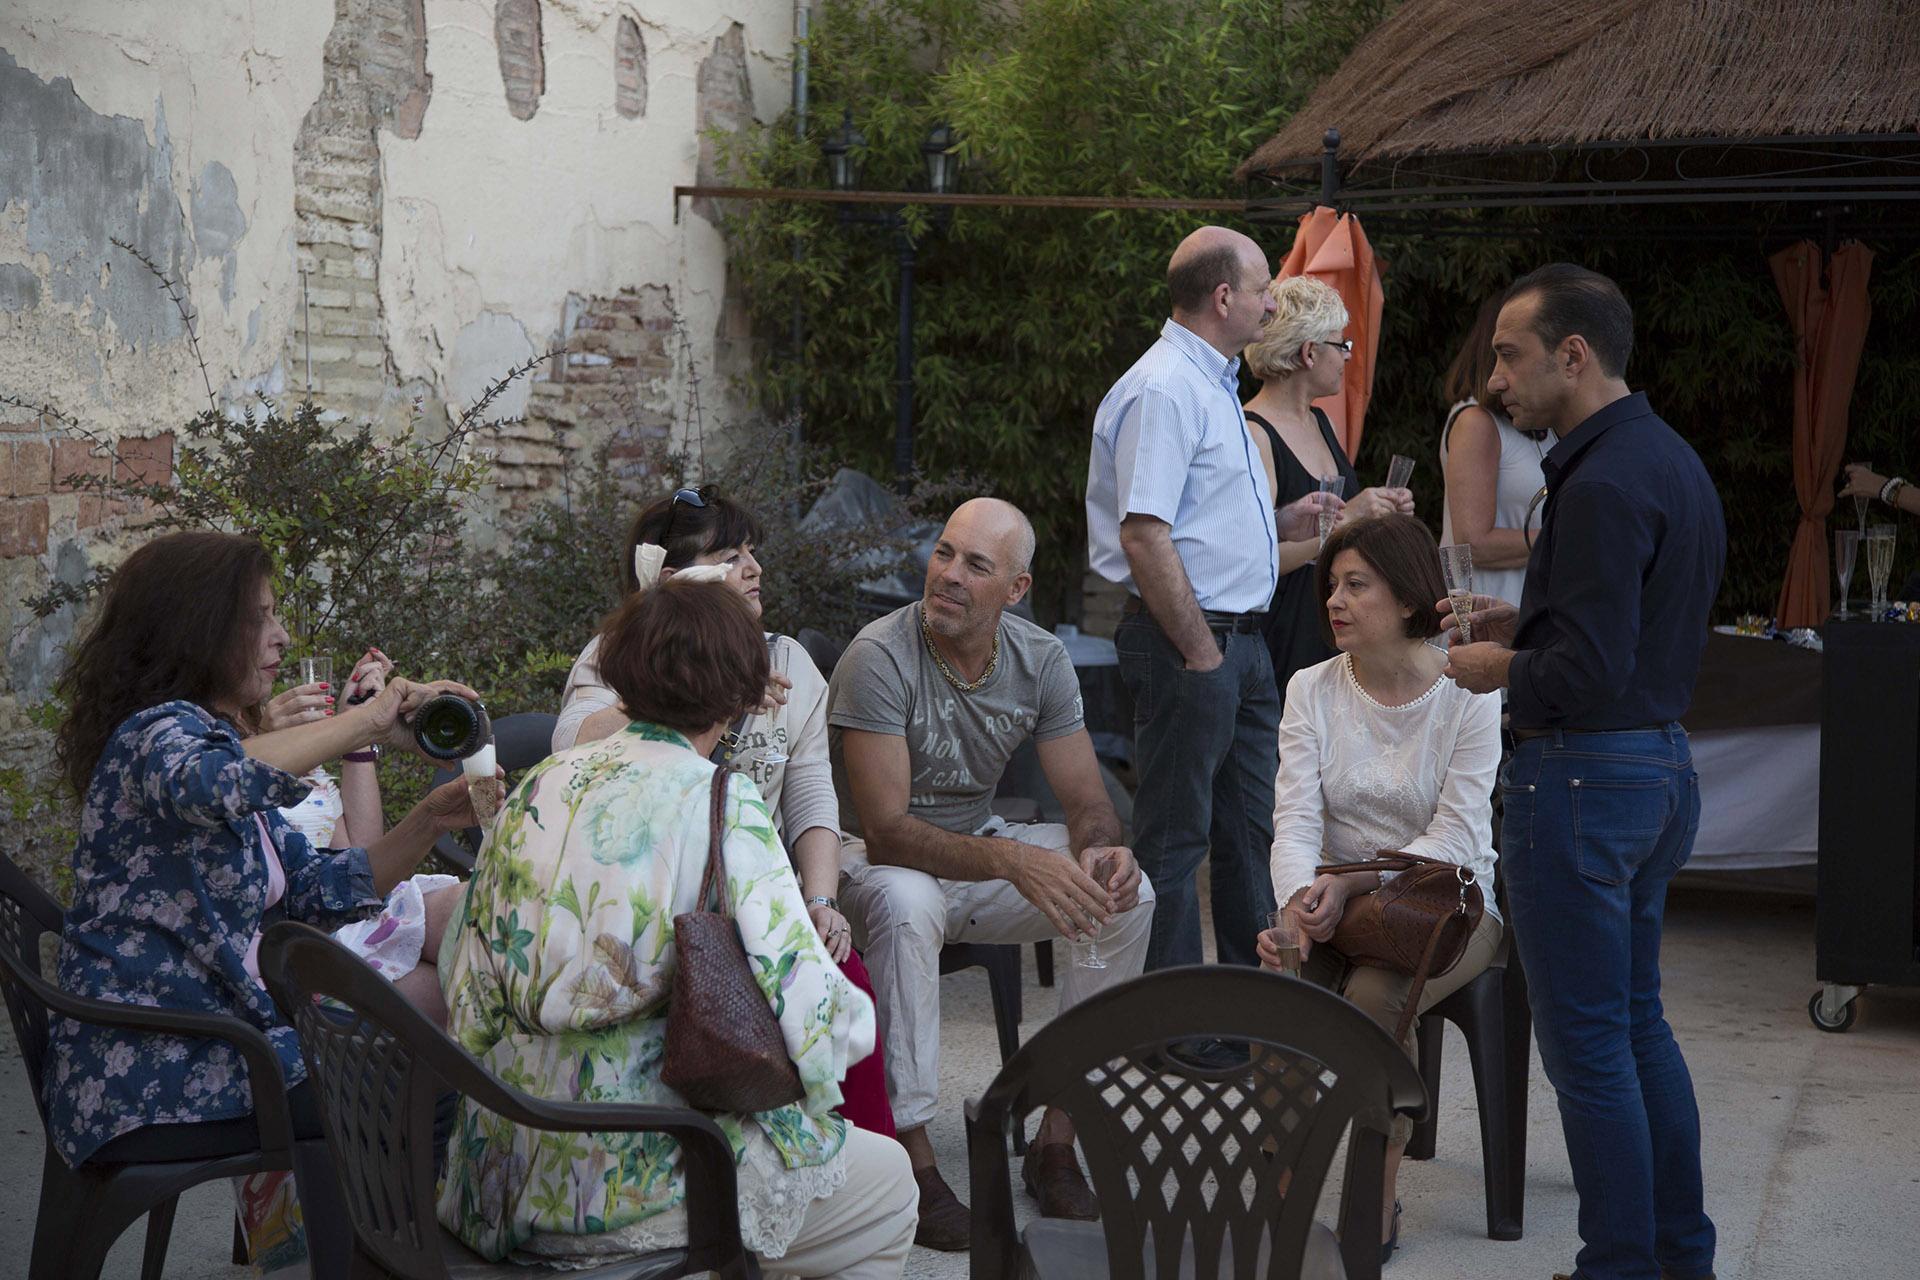 Amigos de Ruth de la Puerta en el patio del actual museo de la seda durante la exposición. Fotografía: Ruth de la Puerta.